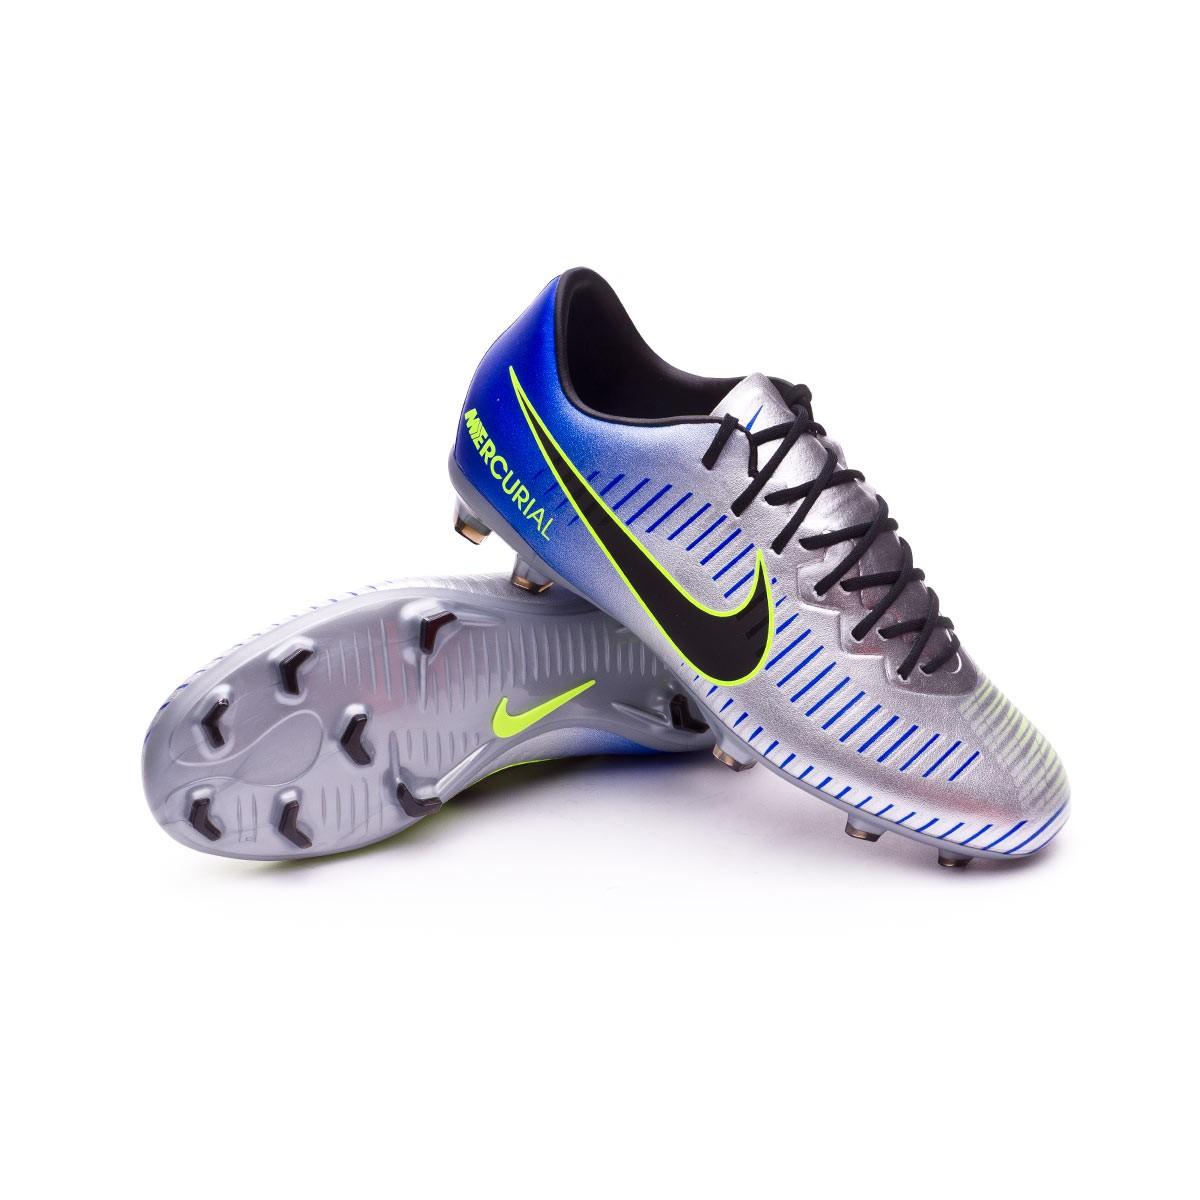 8a245427 Zapatos de fútbol Nike Mercurial Vapor XI FG Neymar Niño Racer  blue-Black-Chrome-Volt - Tienda de fútbol Fútbol Emotion